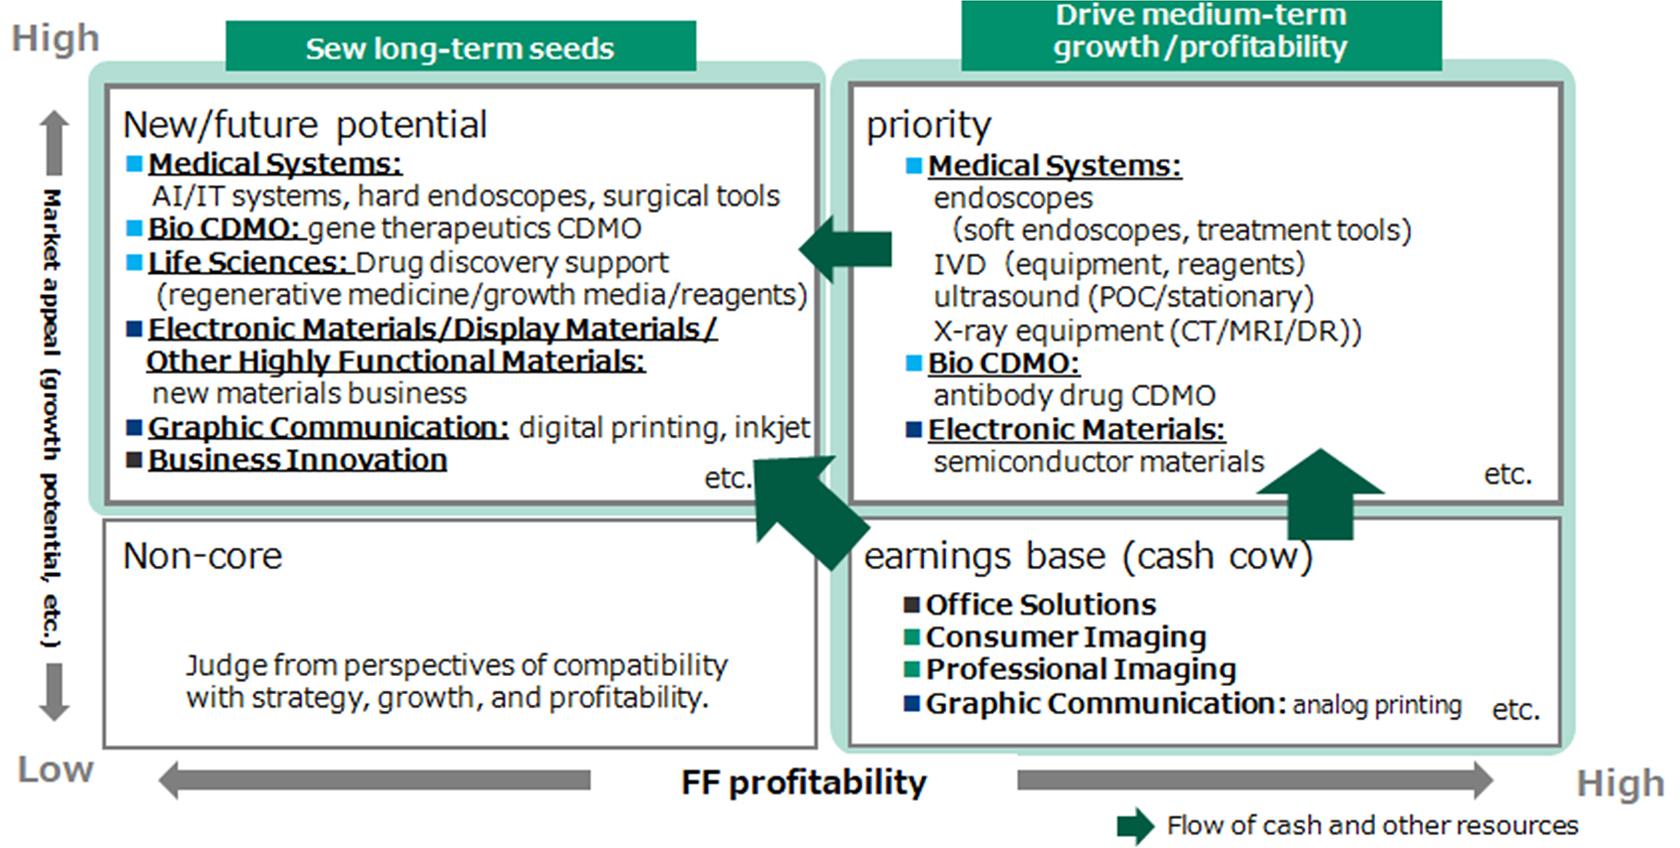 [Image]Reinforcing business portfolio management